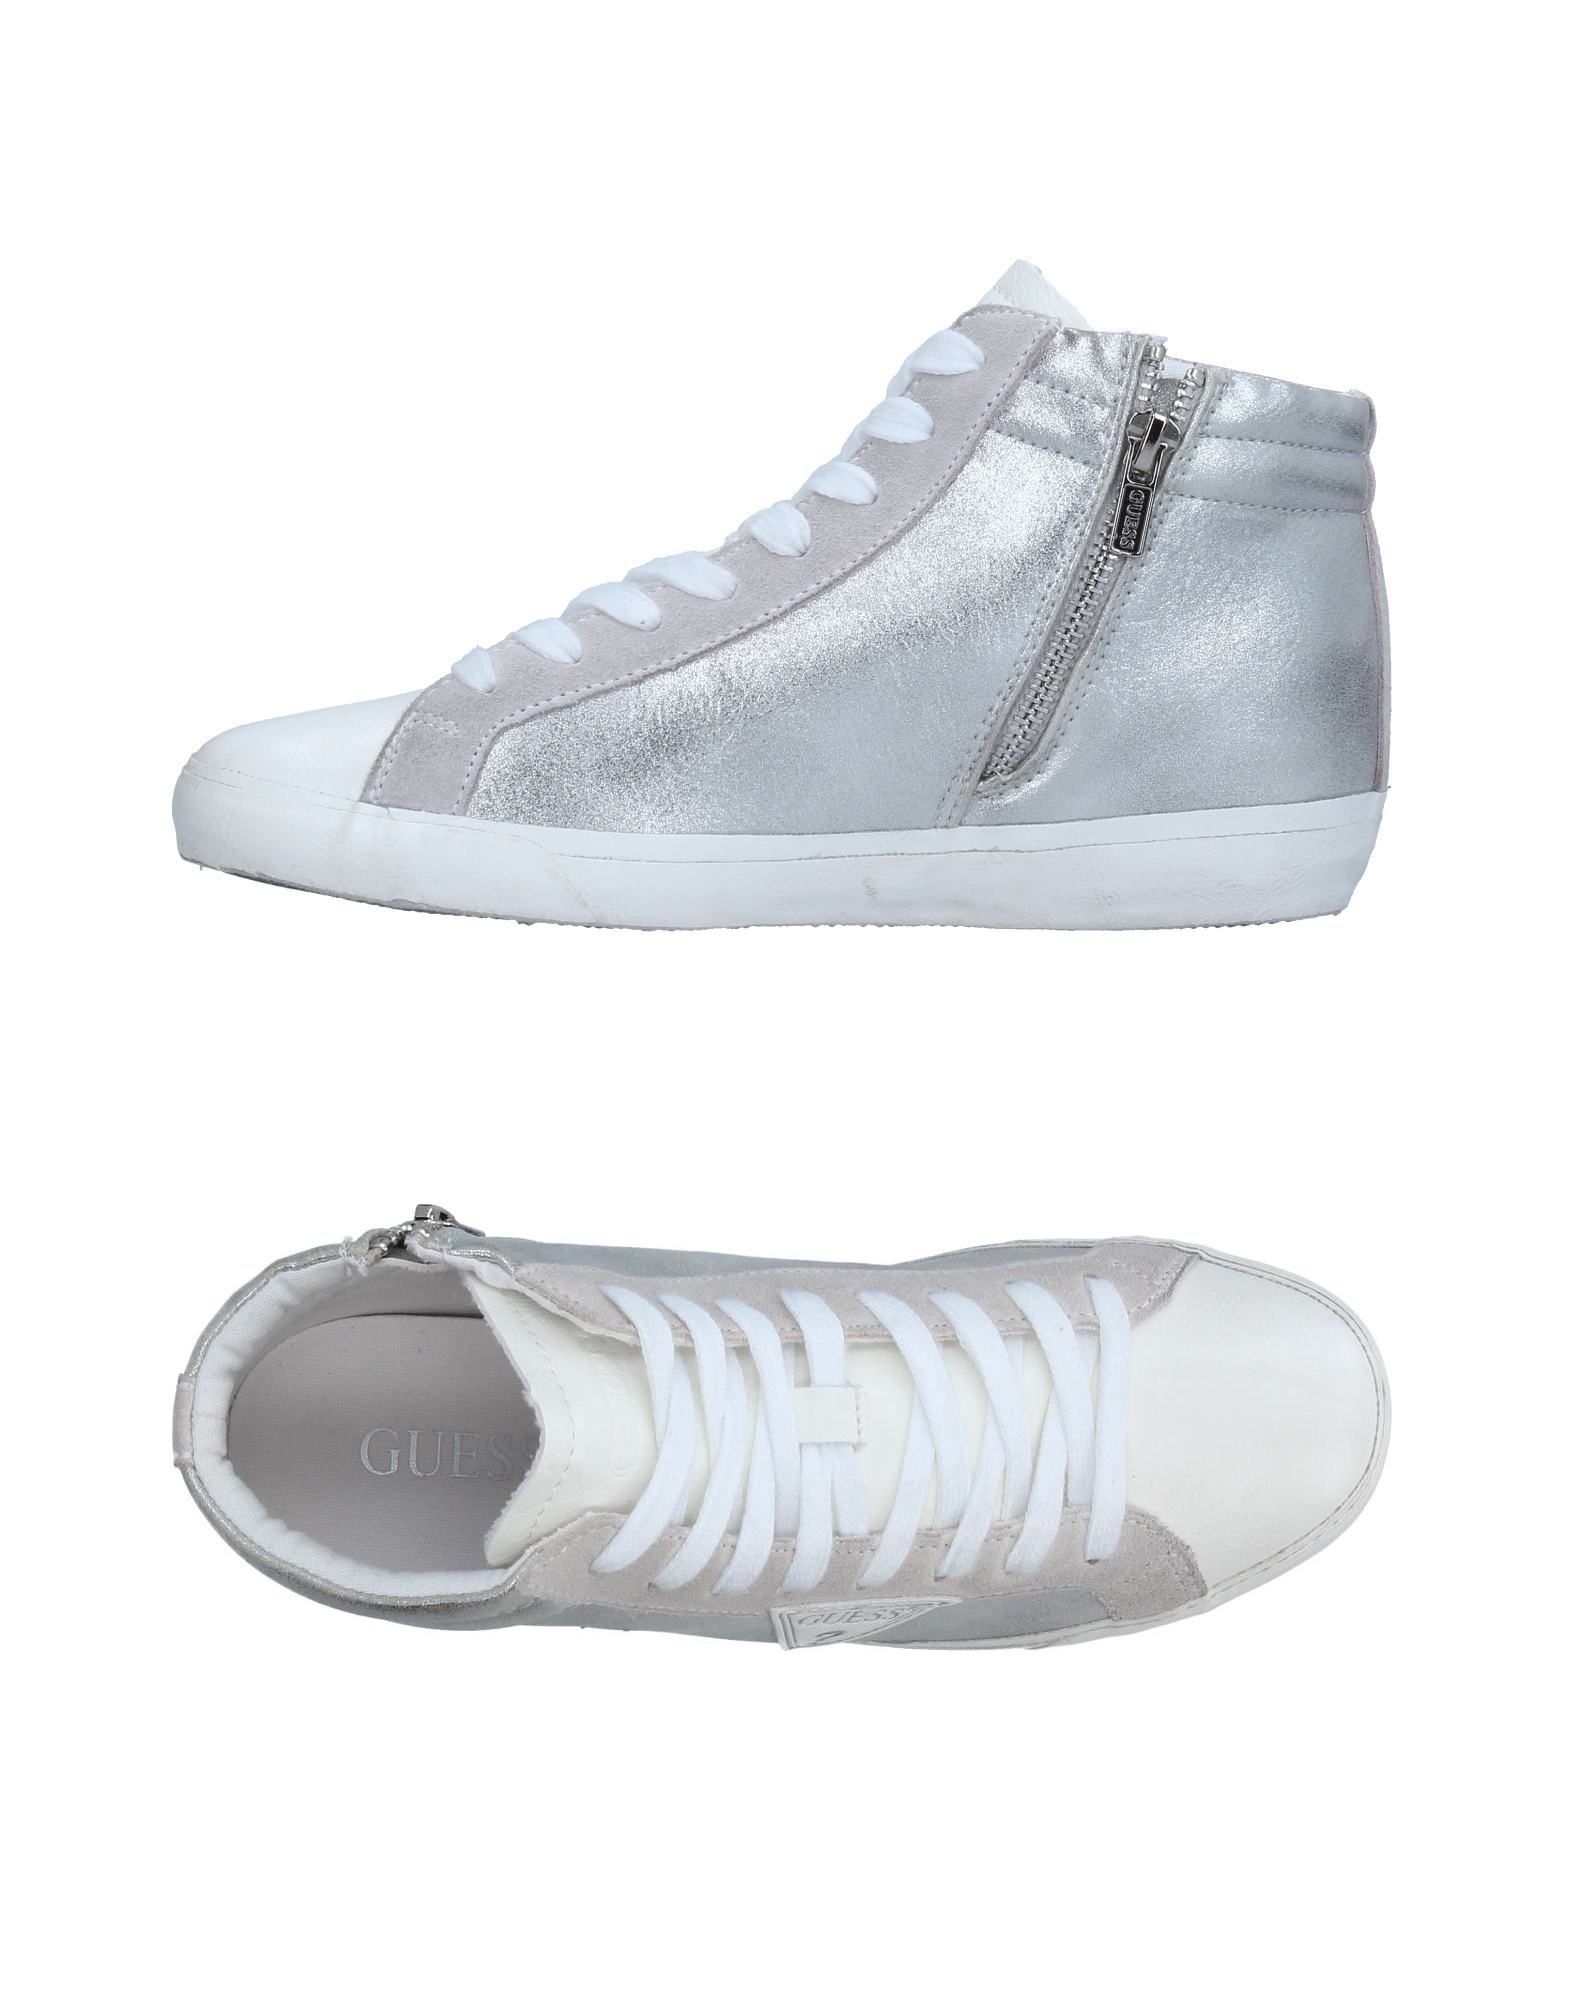 Guess Sneakers Damen  11329650OS Gute Qualität beliebte Schuhe